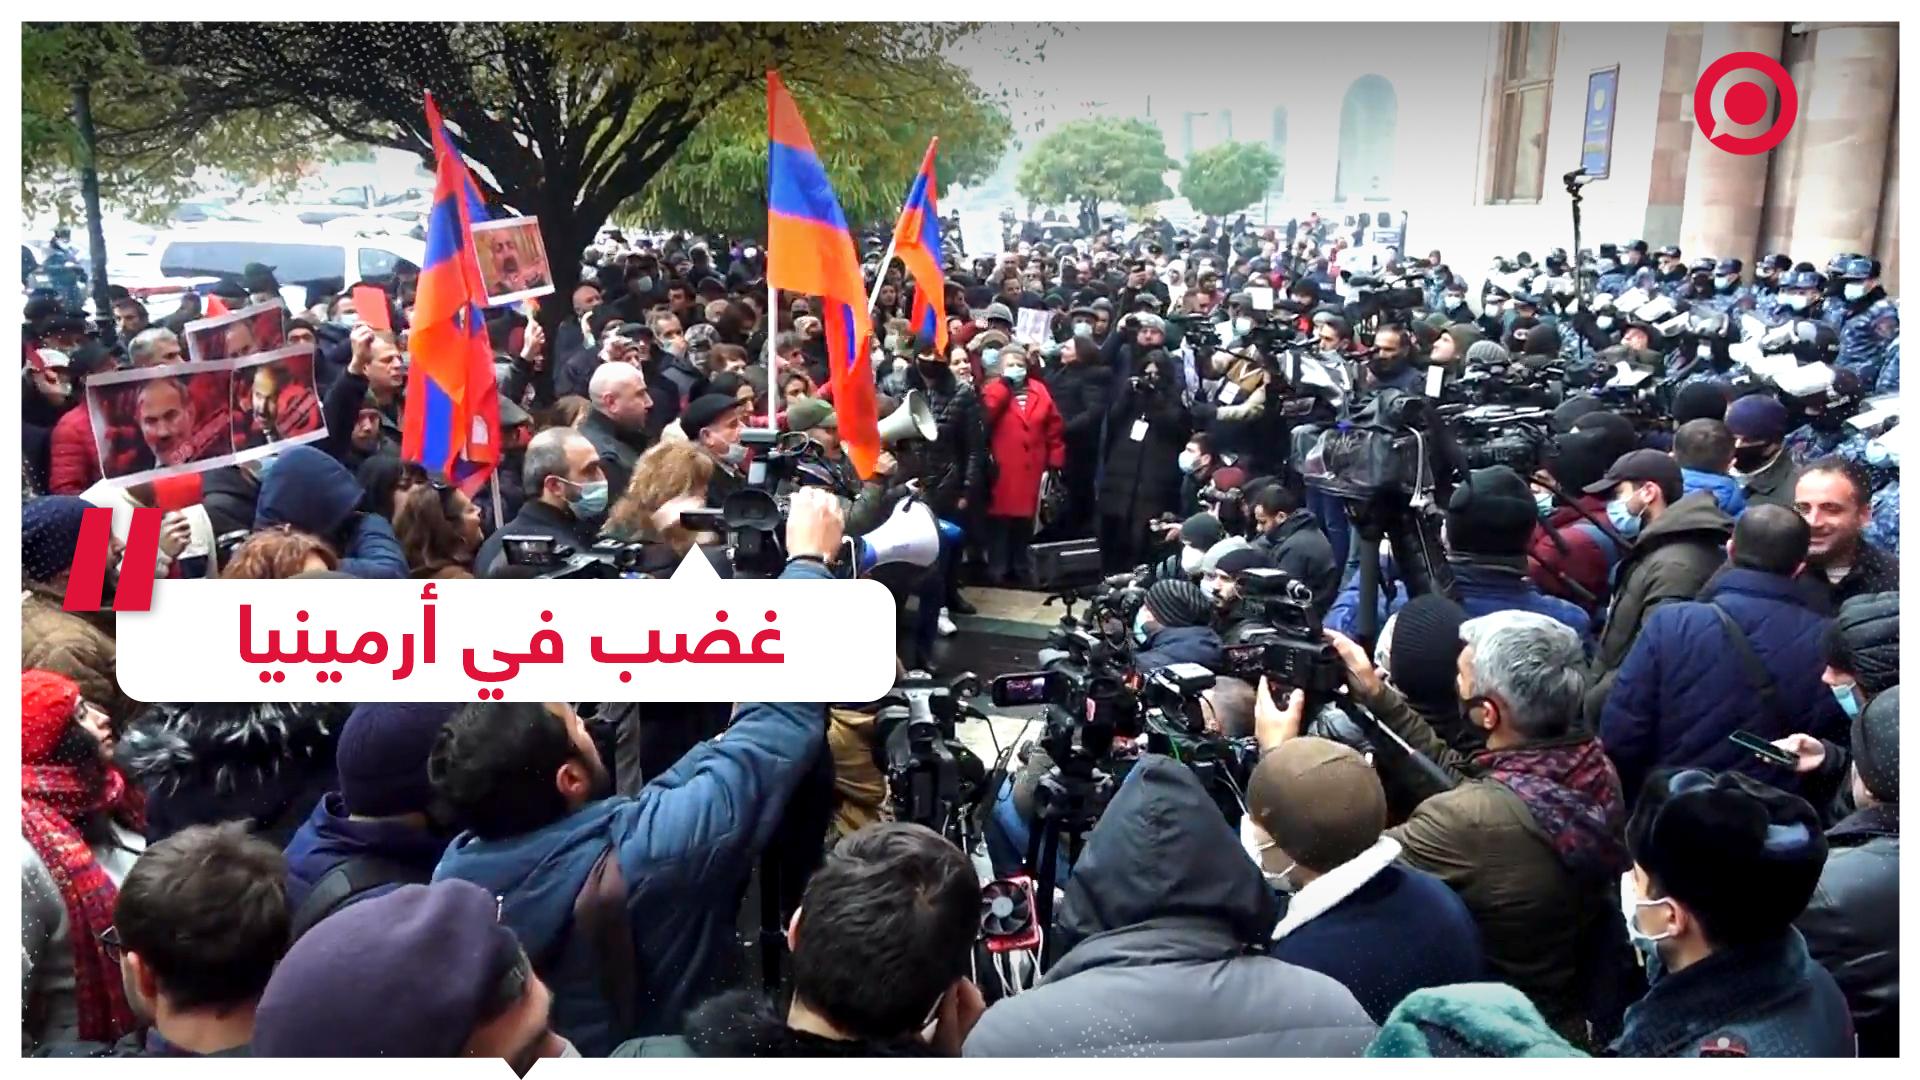 تظاهرات شعبية وغضب يعم الشوارع في أرمينيا